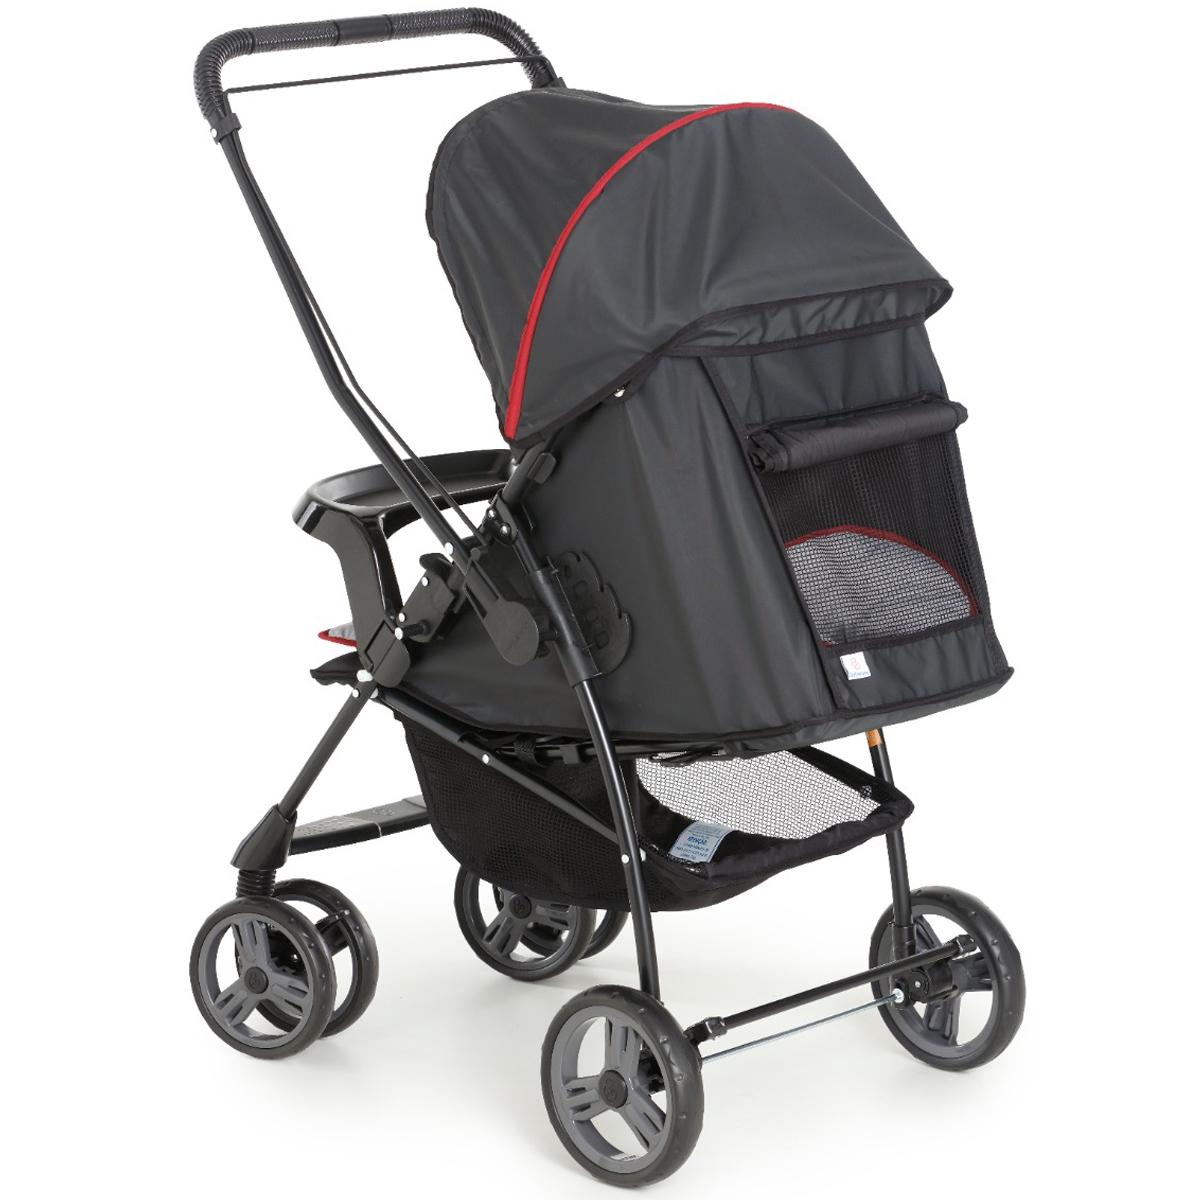 Carrinho de Bebê Galzerano Até 15Kg Passeio Berço Travel System Alça Reversível 0 Até 15Kg Milano Preto